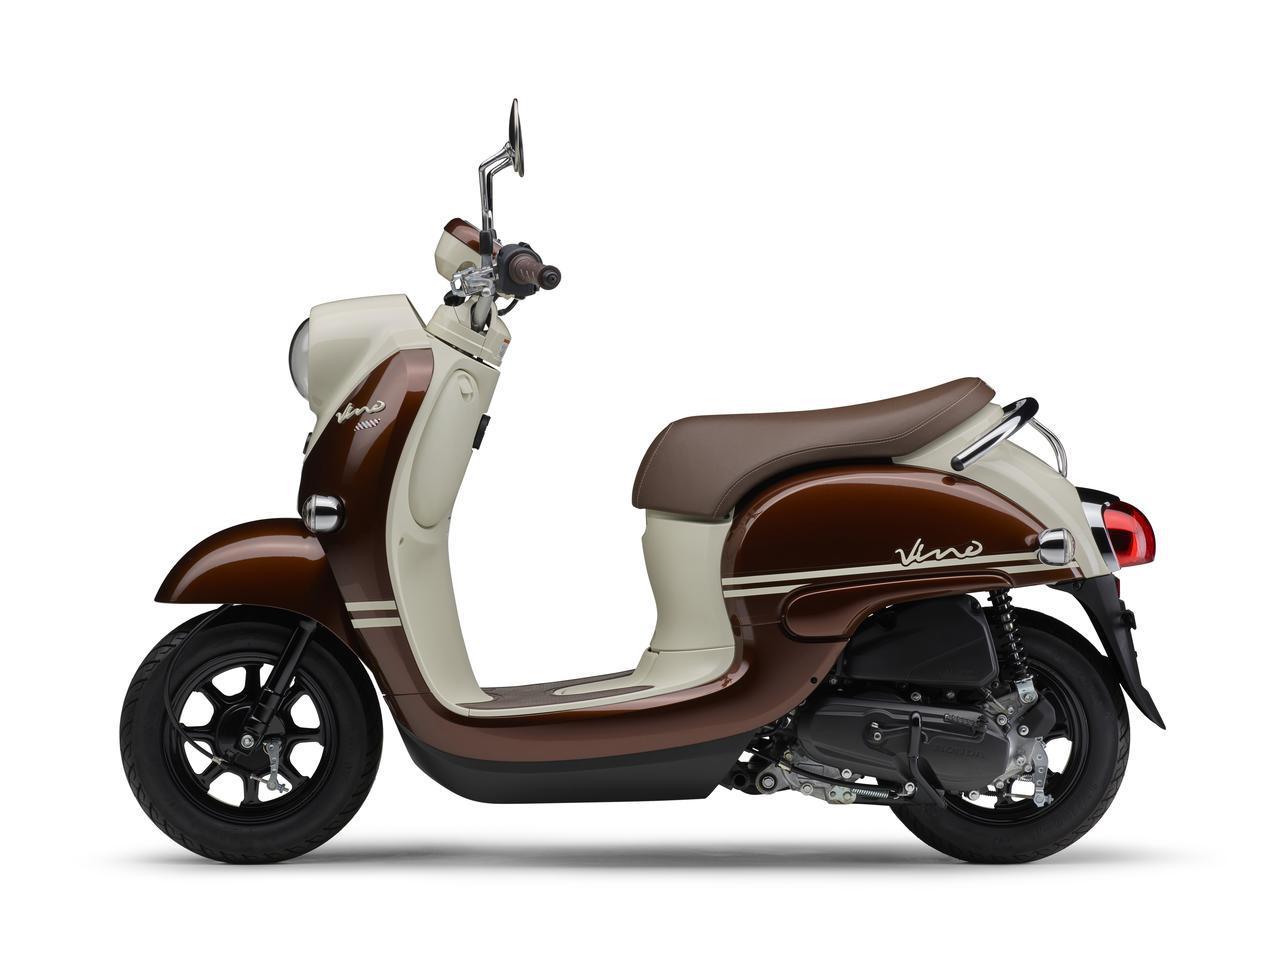 画像13: ヤマハが50ccスクーター「ビーノ」の2021年モデルを発表! ニューカラーは4色、合計6色の設定で発売